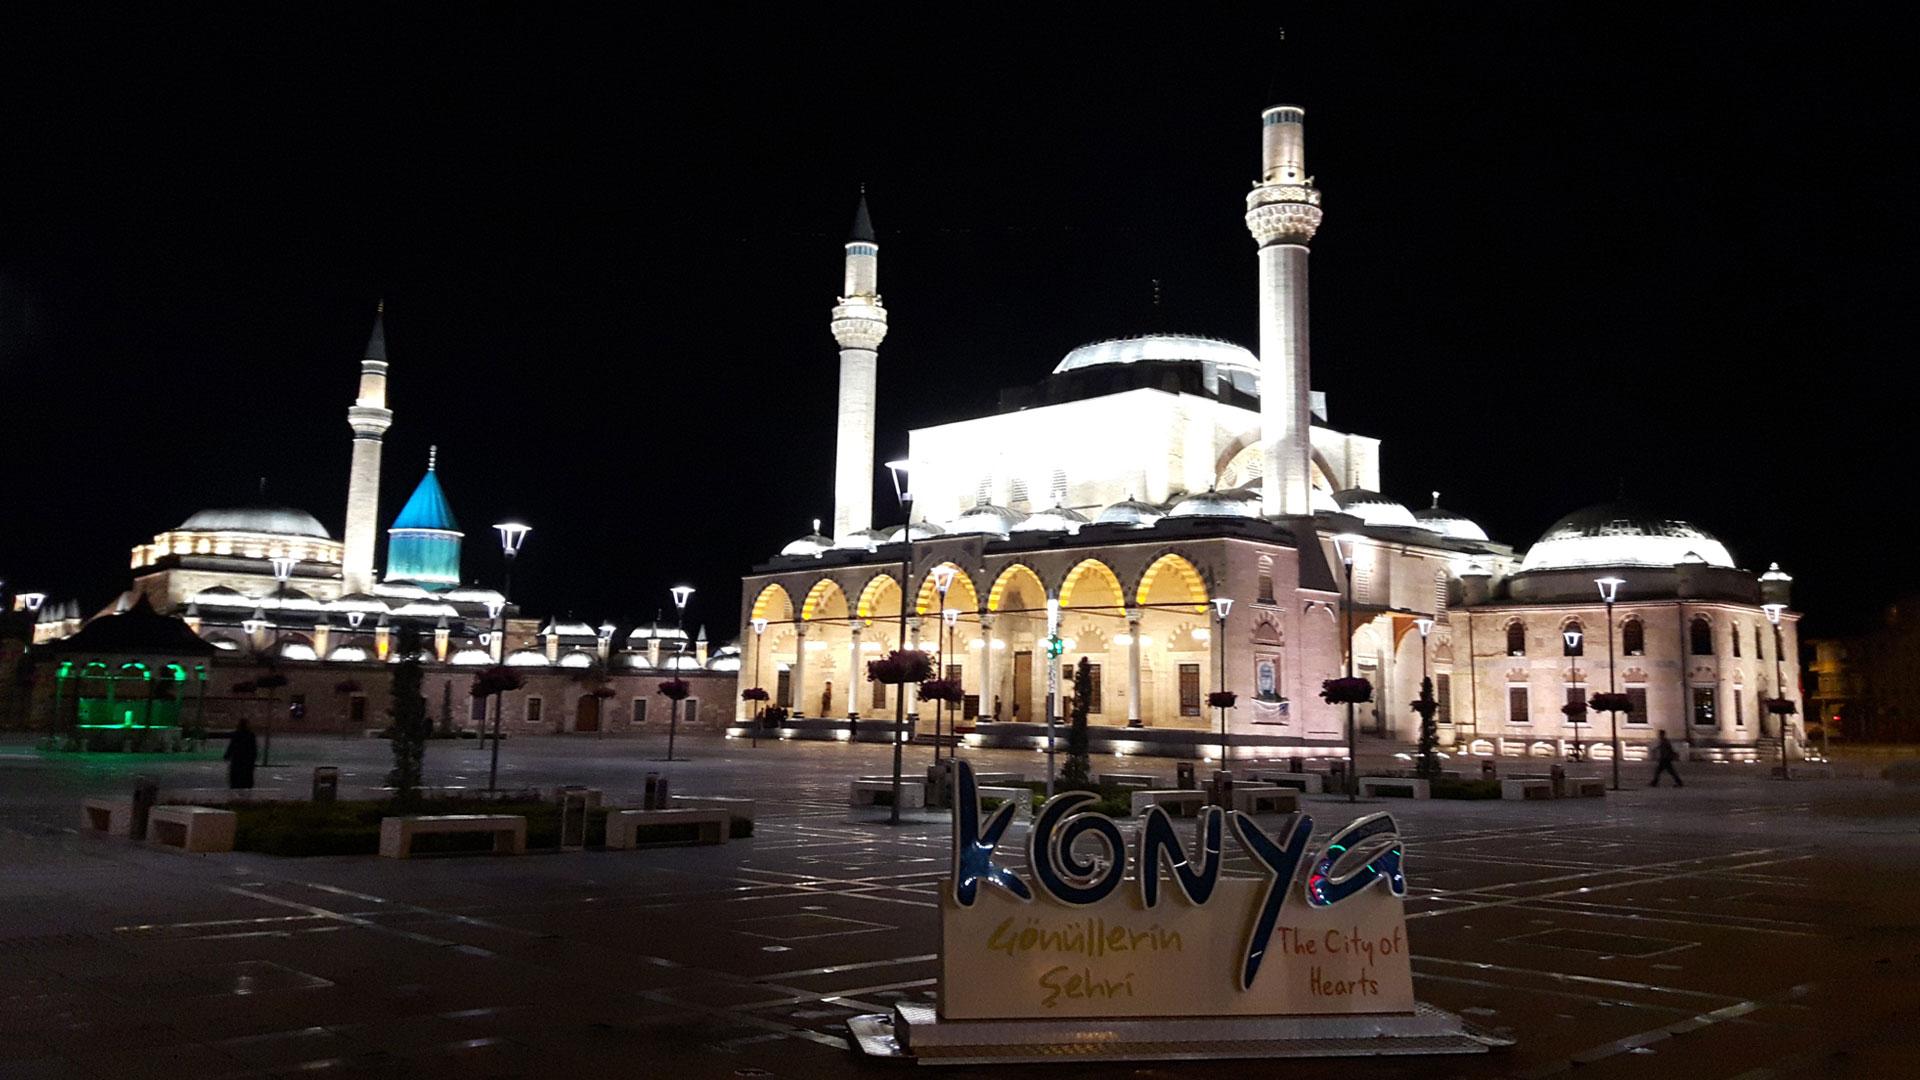 Konya at night